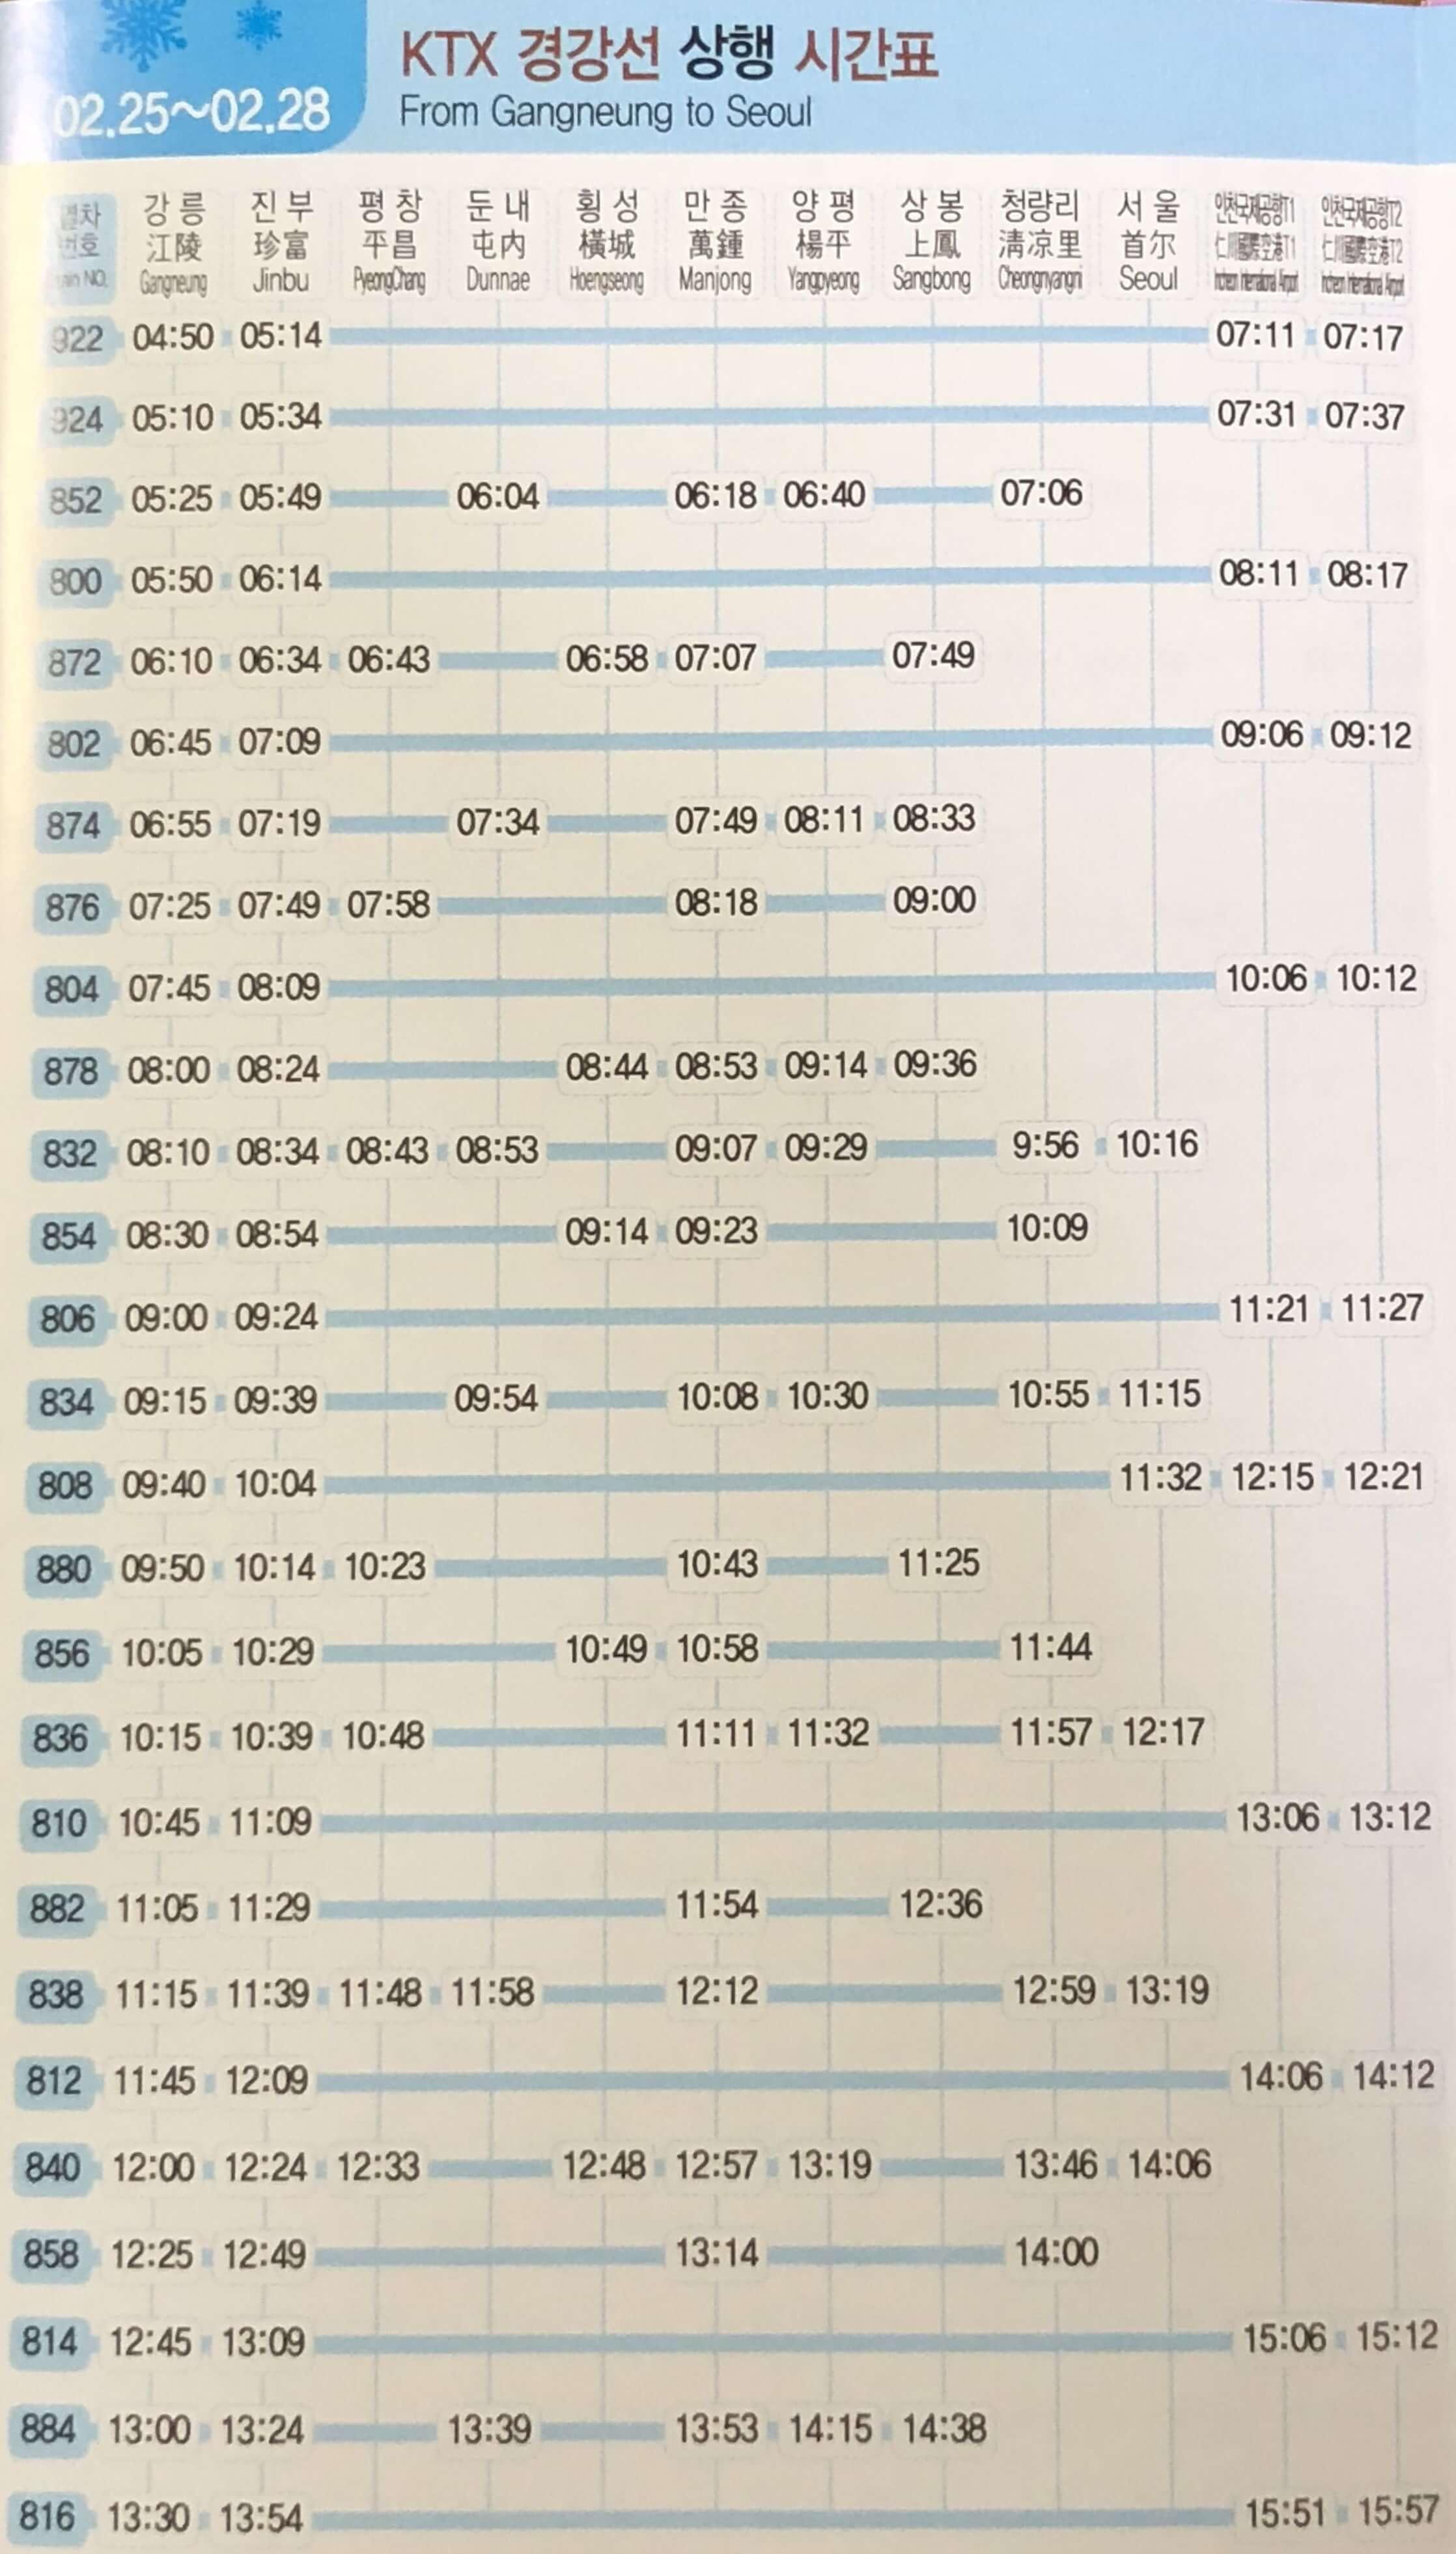 江陵(カンヌン)からソウルのKTXの時刻表(2月25日~2月28日)1